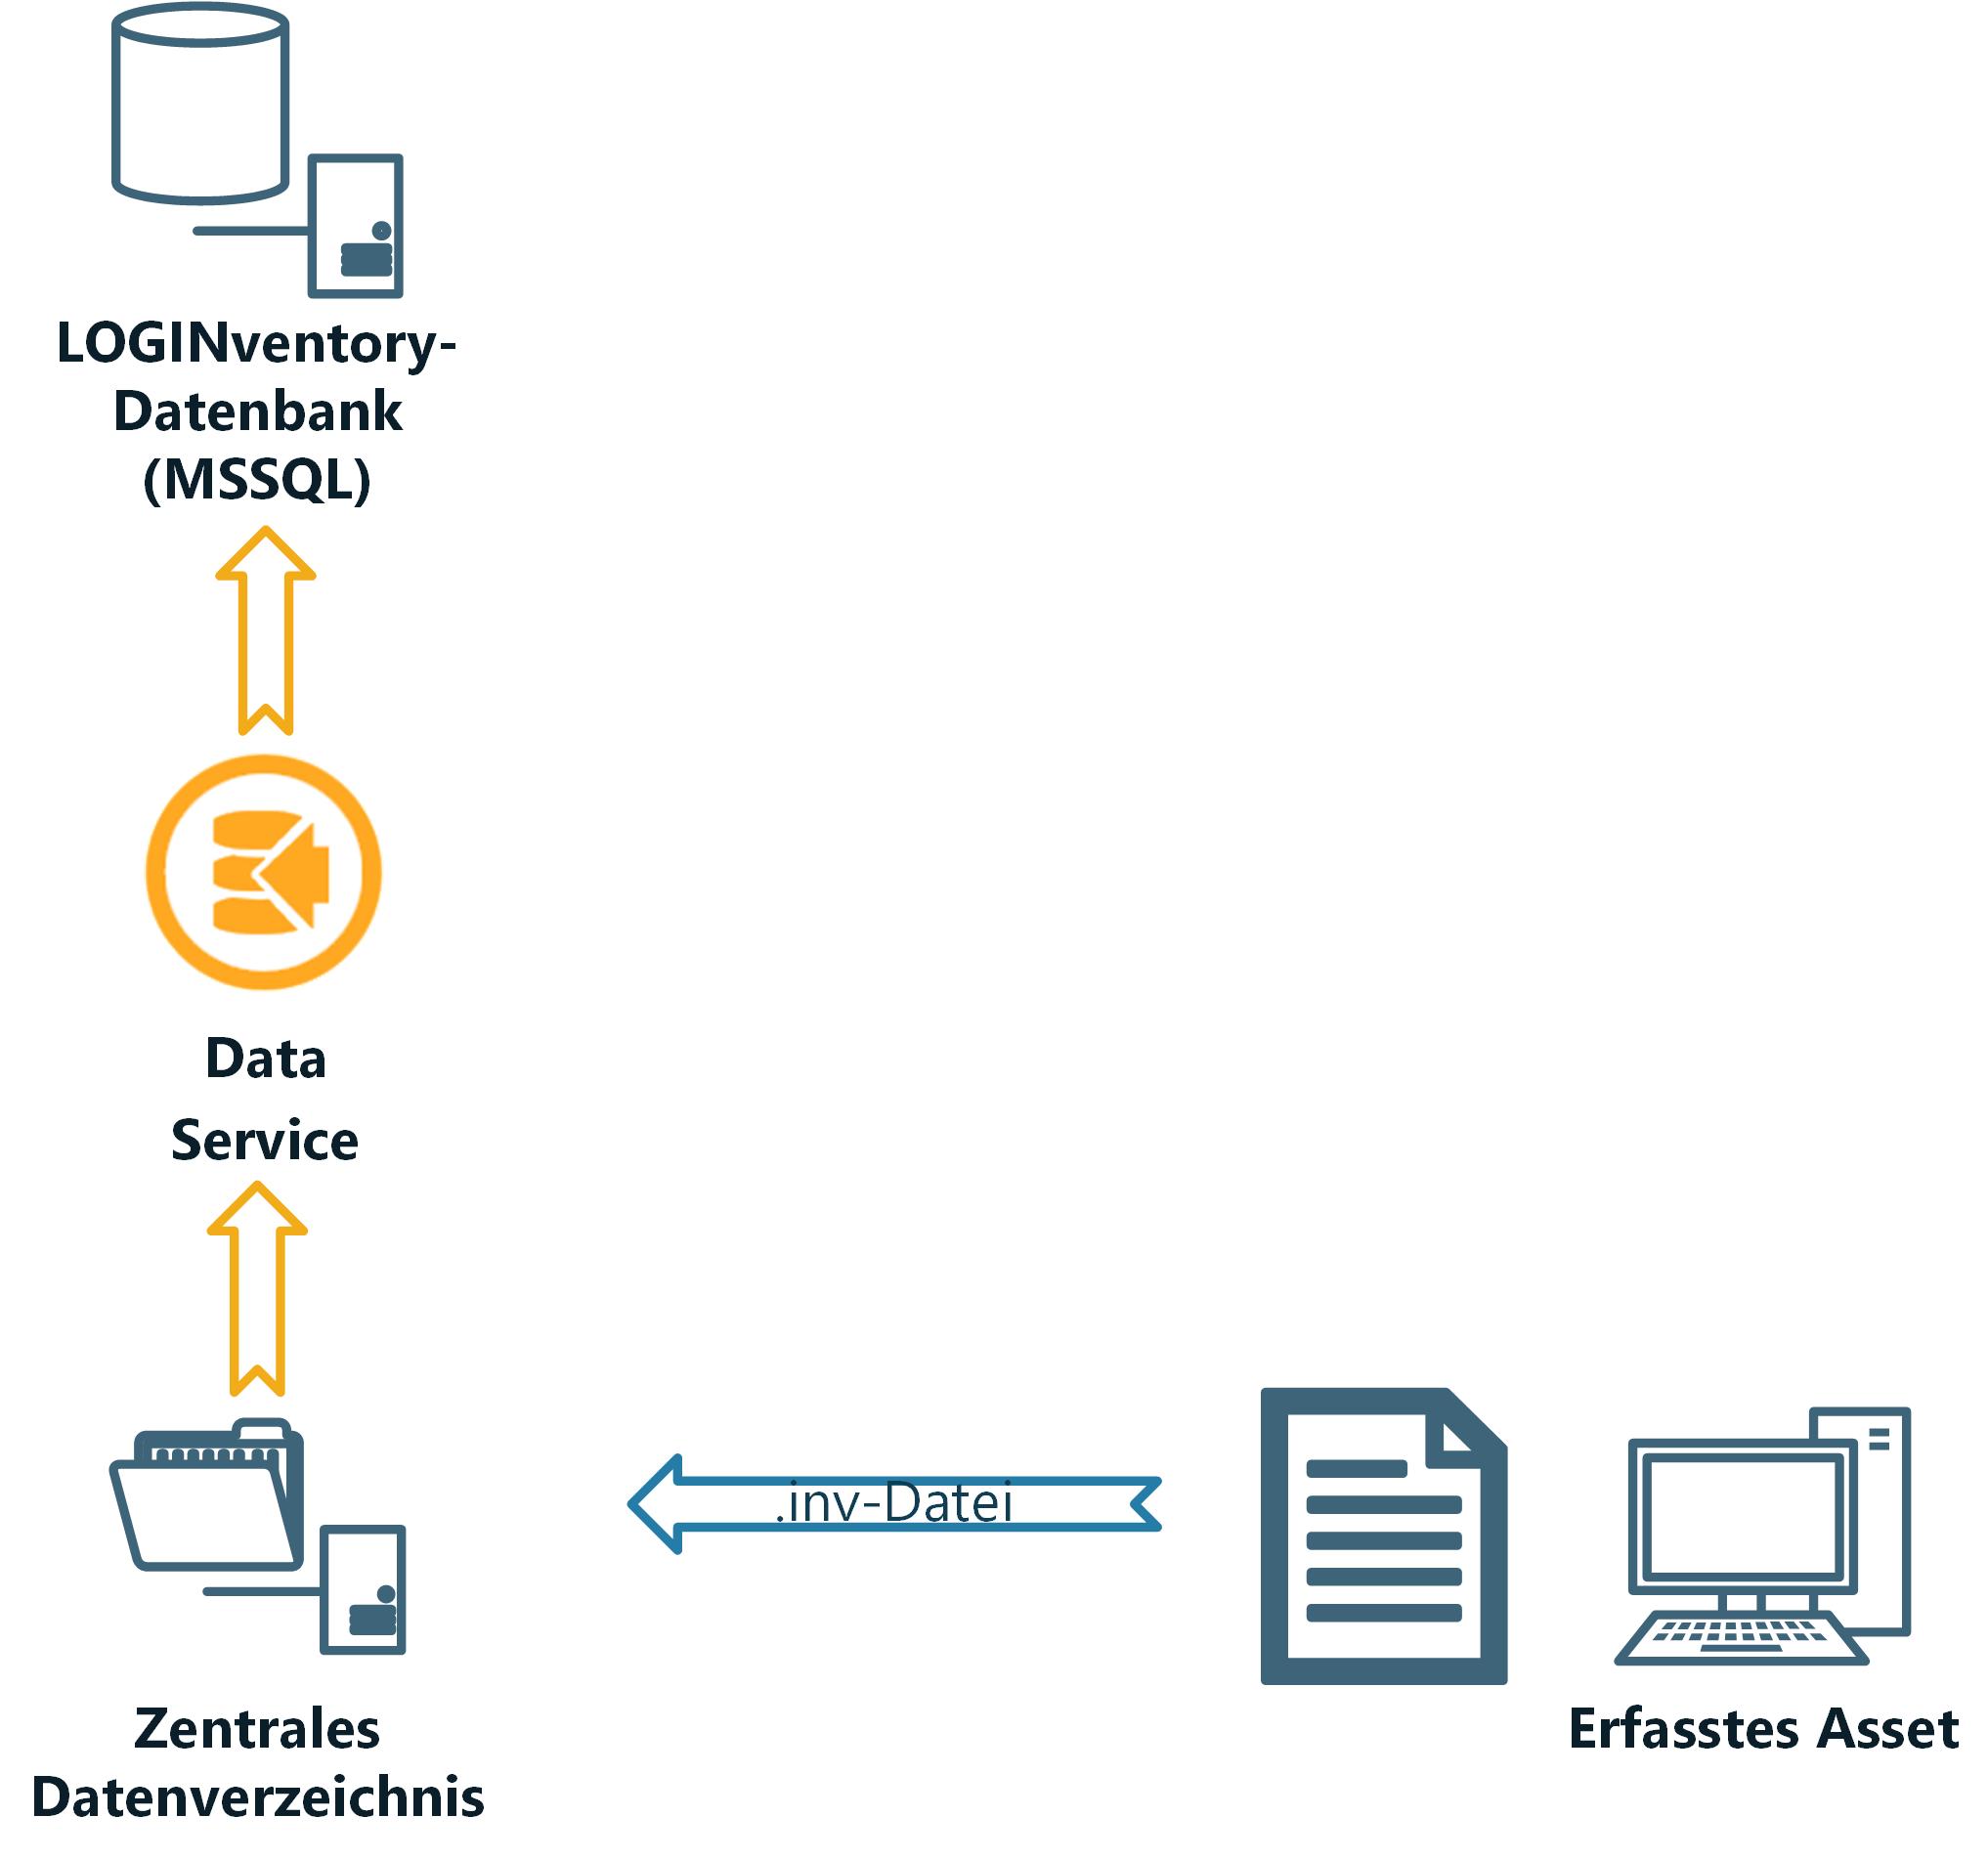 Arbeitsweise von LOGINventory: Erfassen von Daten und Eintragen in die Datenbank